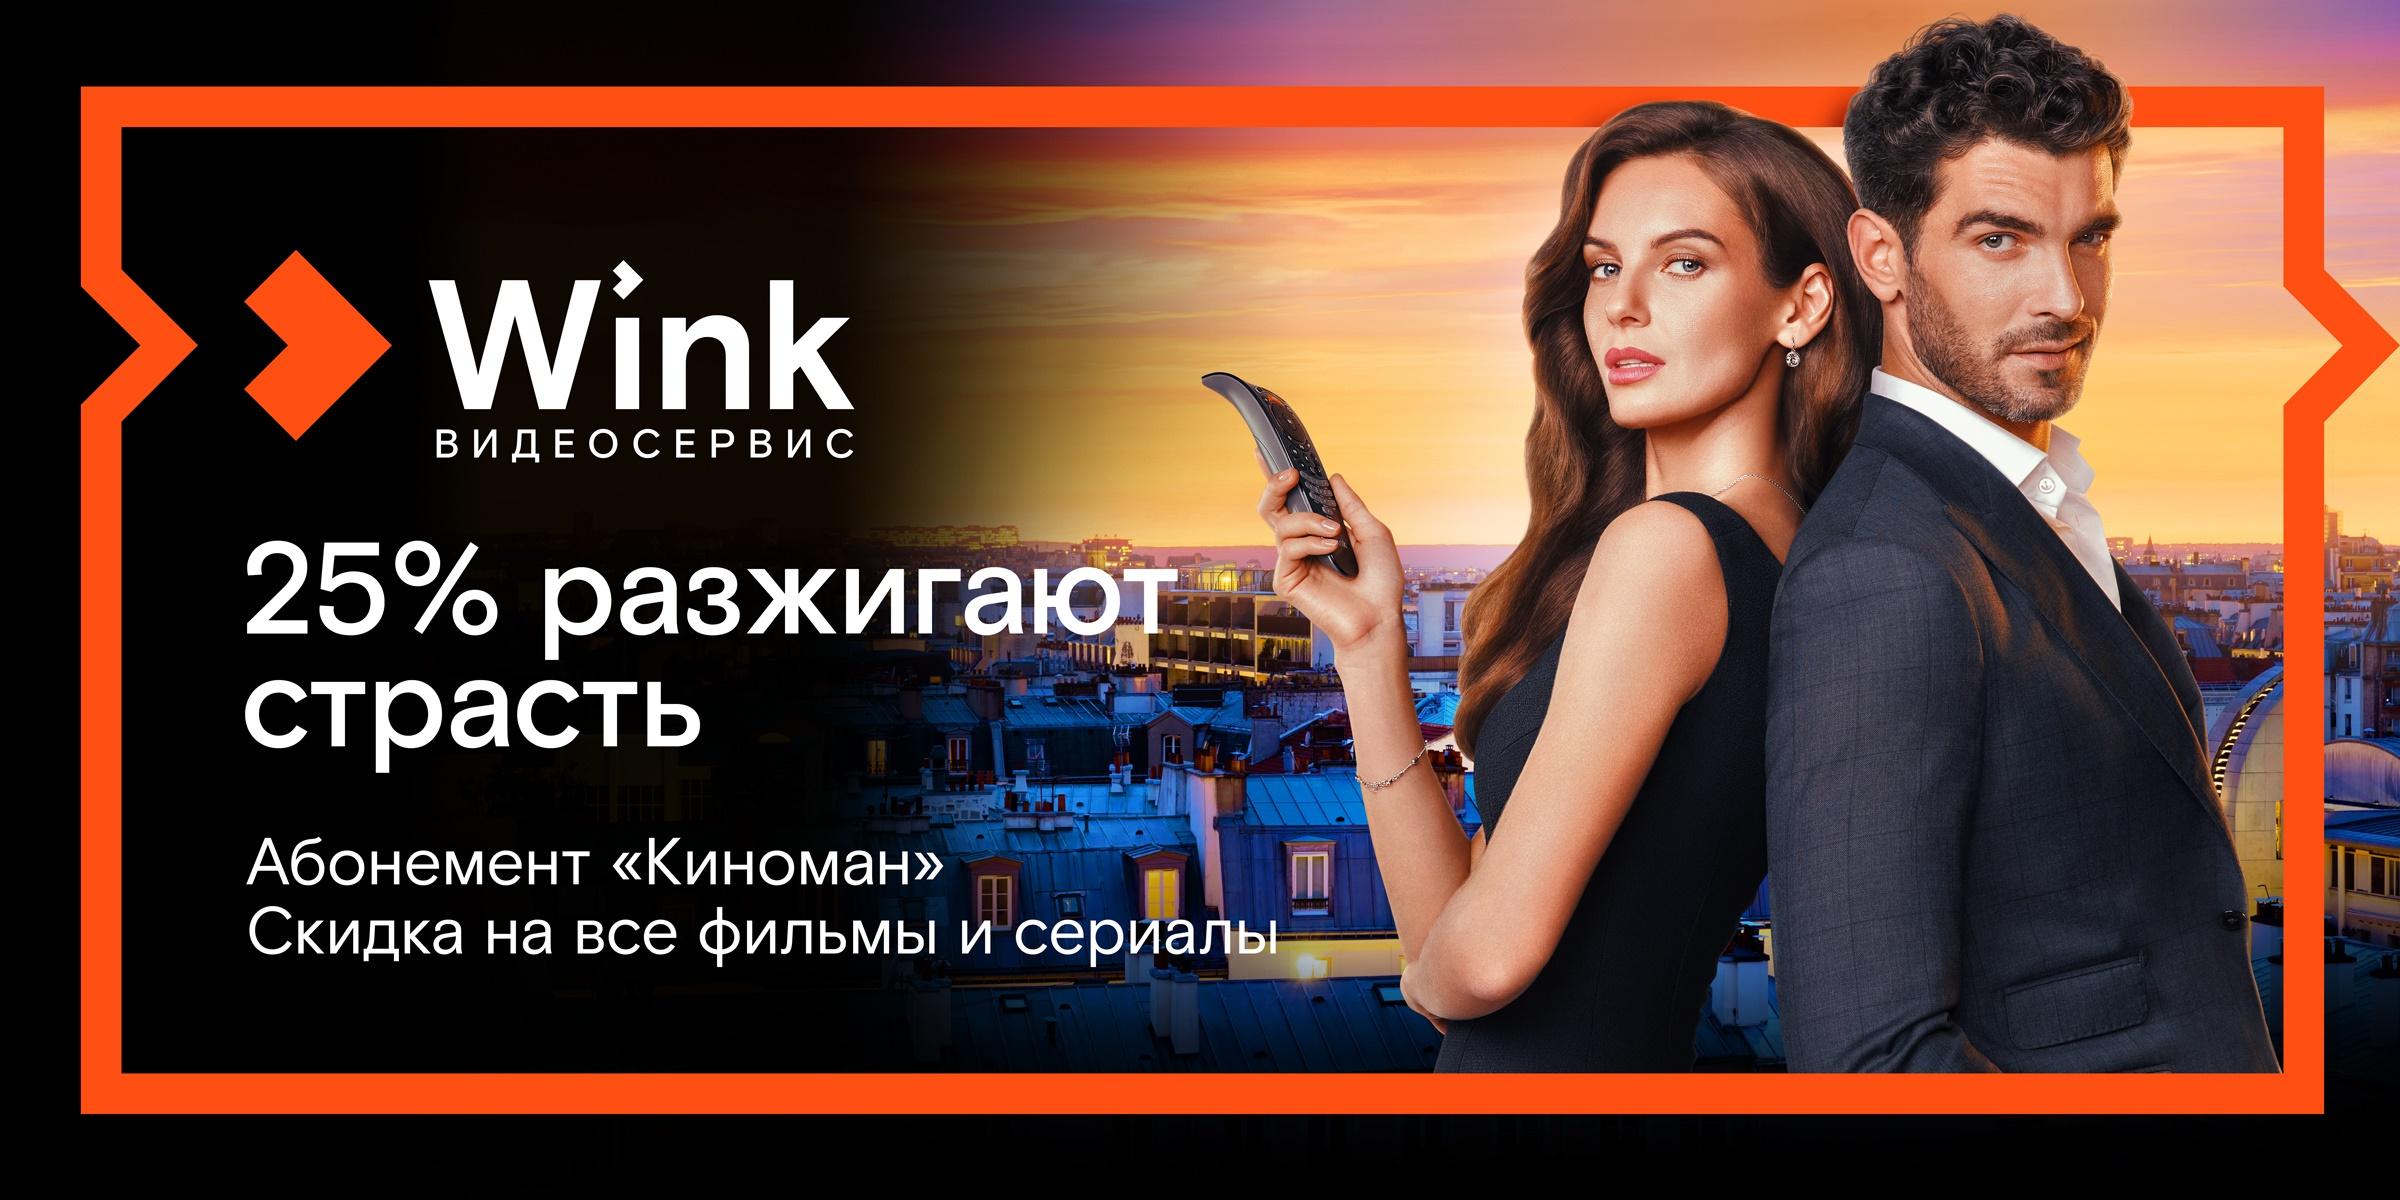 Сибирякам предлагают стать «Киноманами» вместе с Wink